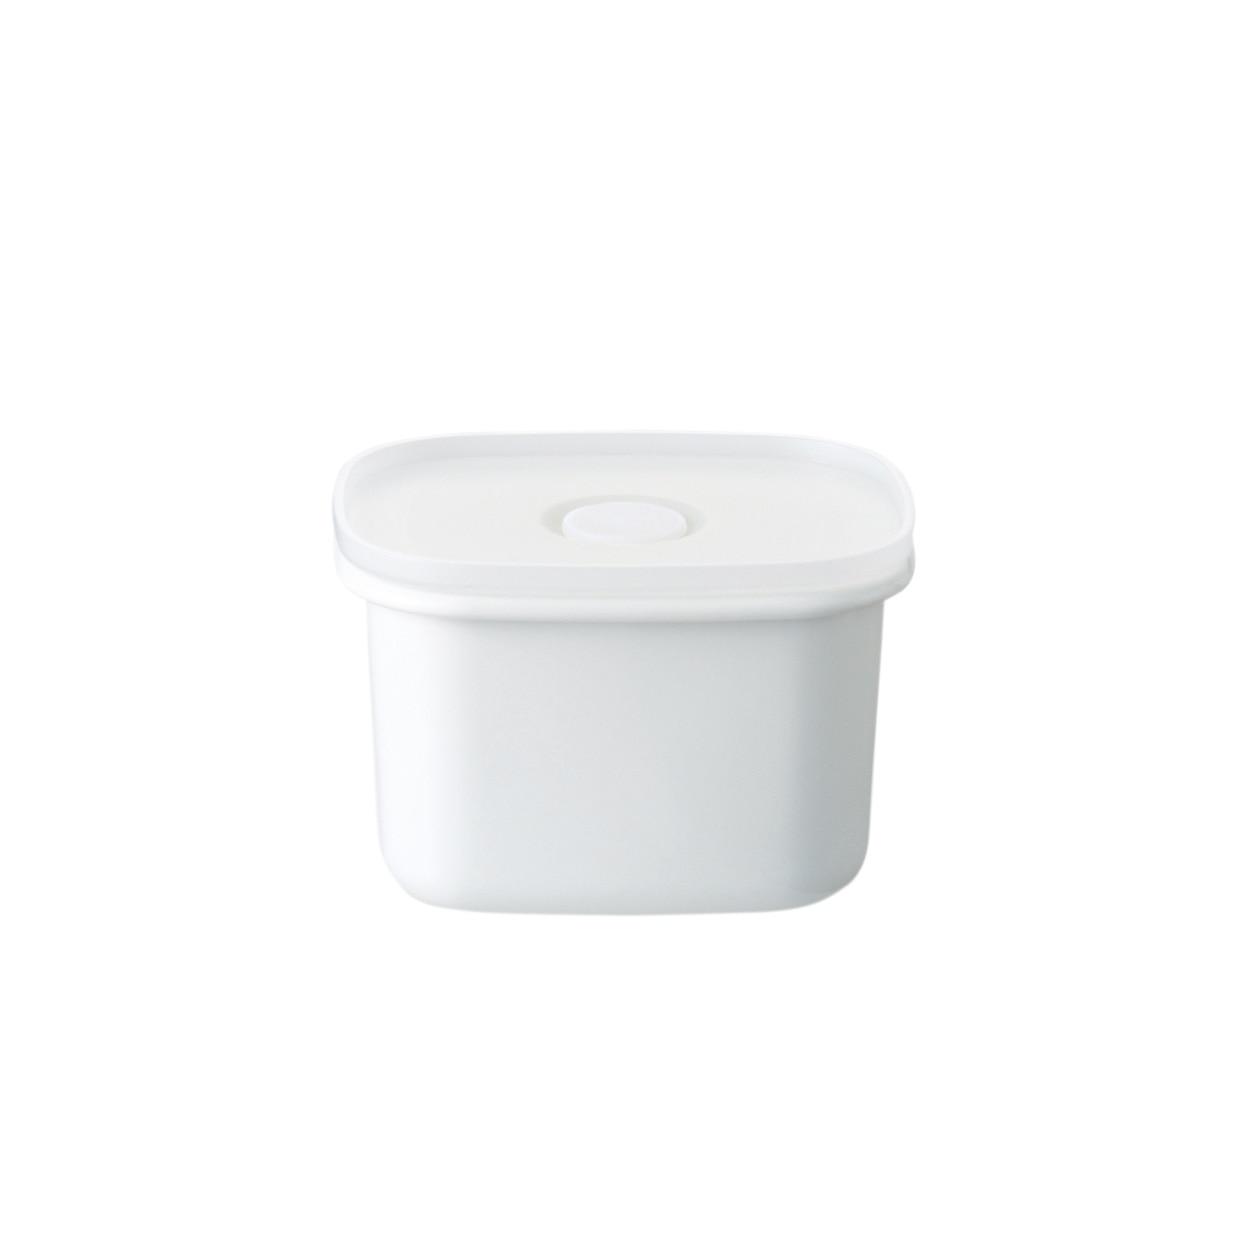 【まとめ買い】液体とニオイが漏れない バルブ付き密閉ホーロー保存容器 深型・小